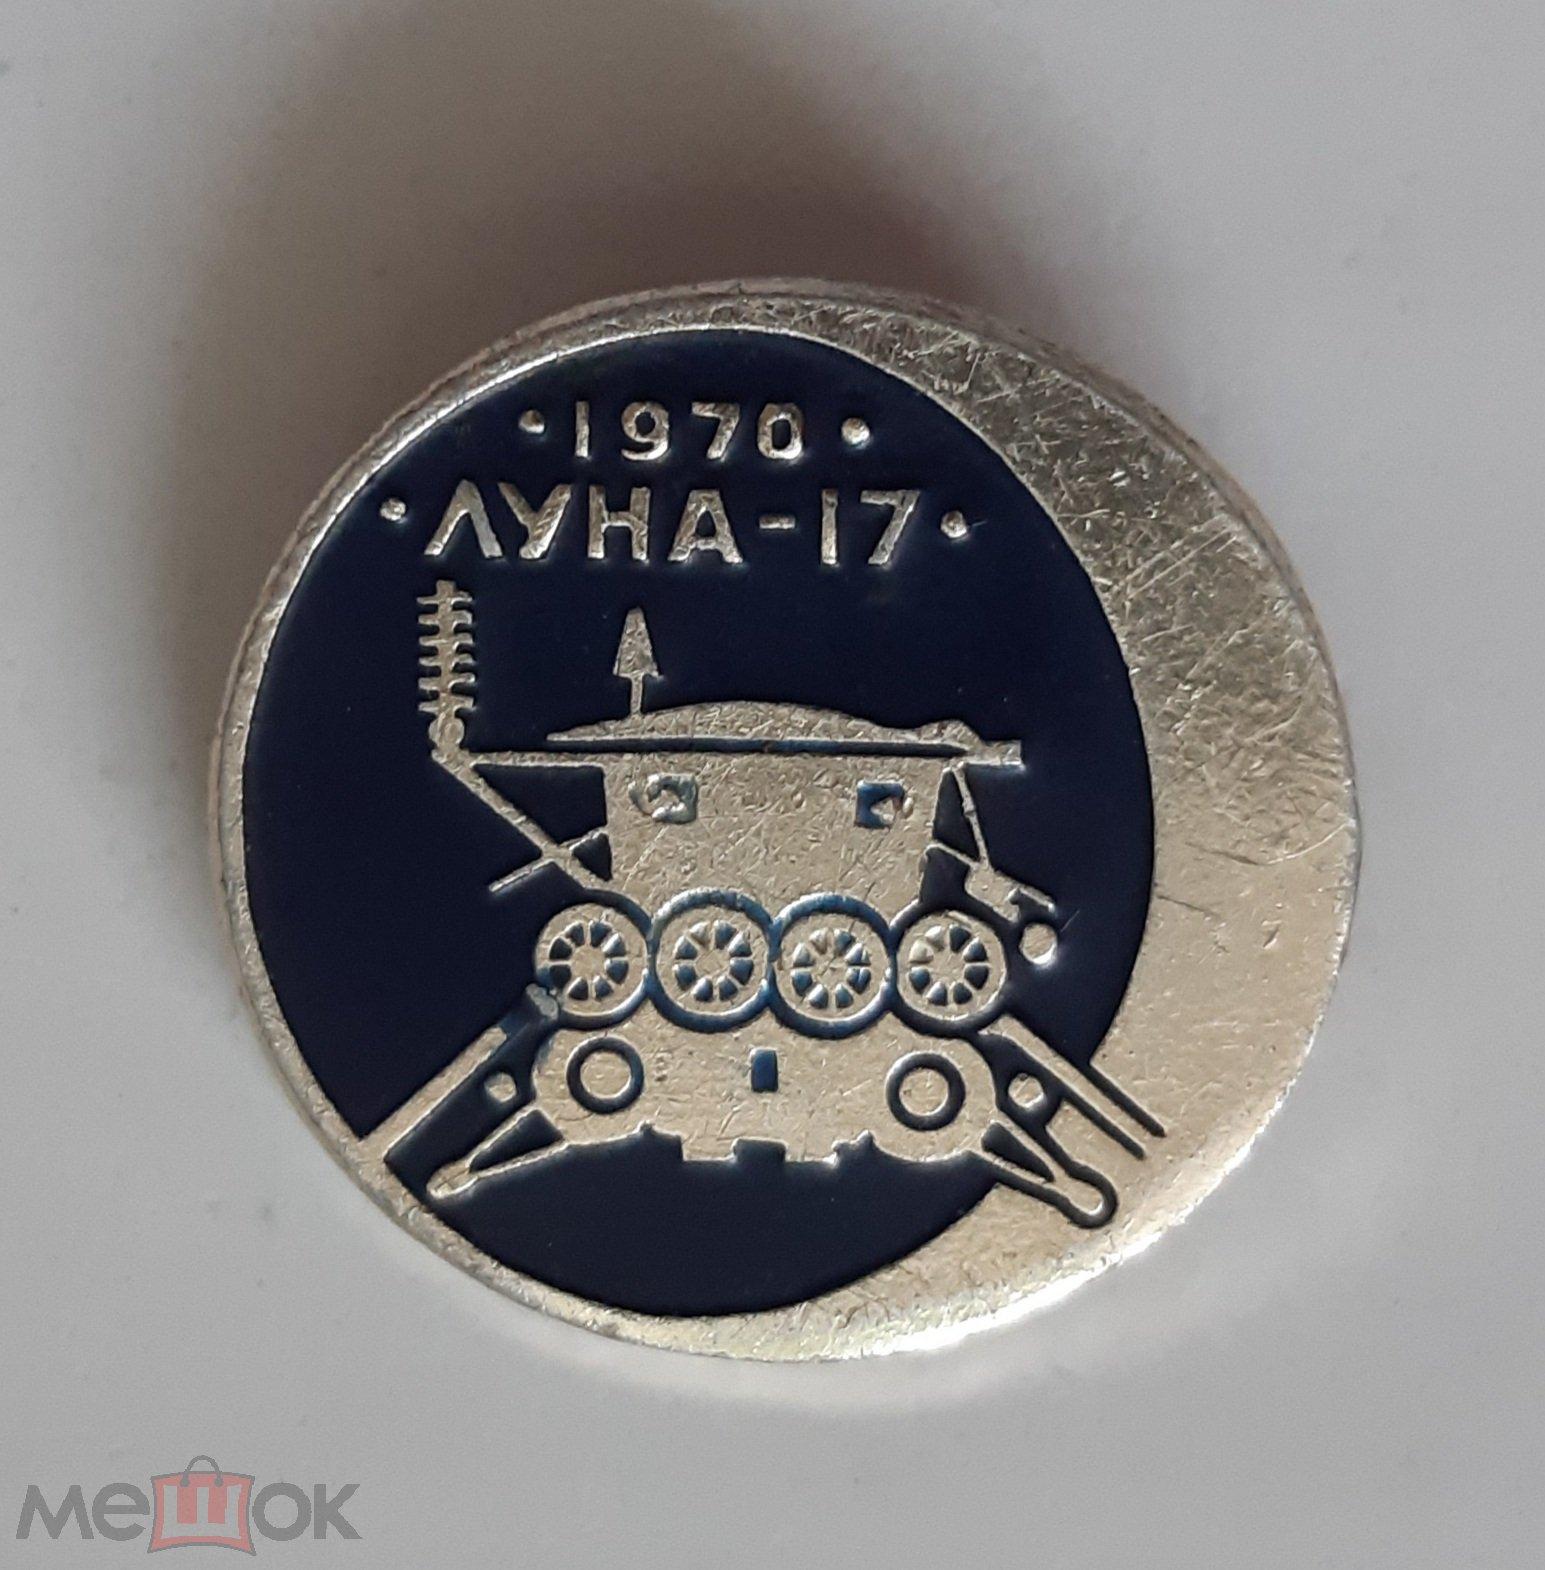 Значок СССР. Космос. Луна-17. 1970г.. # 985